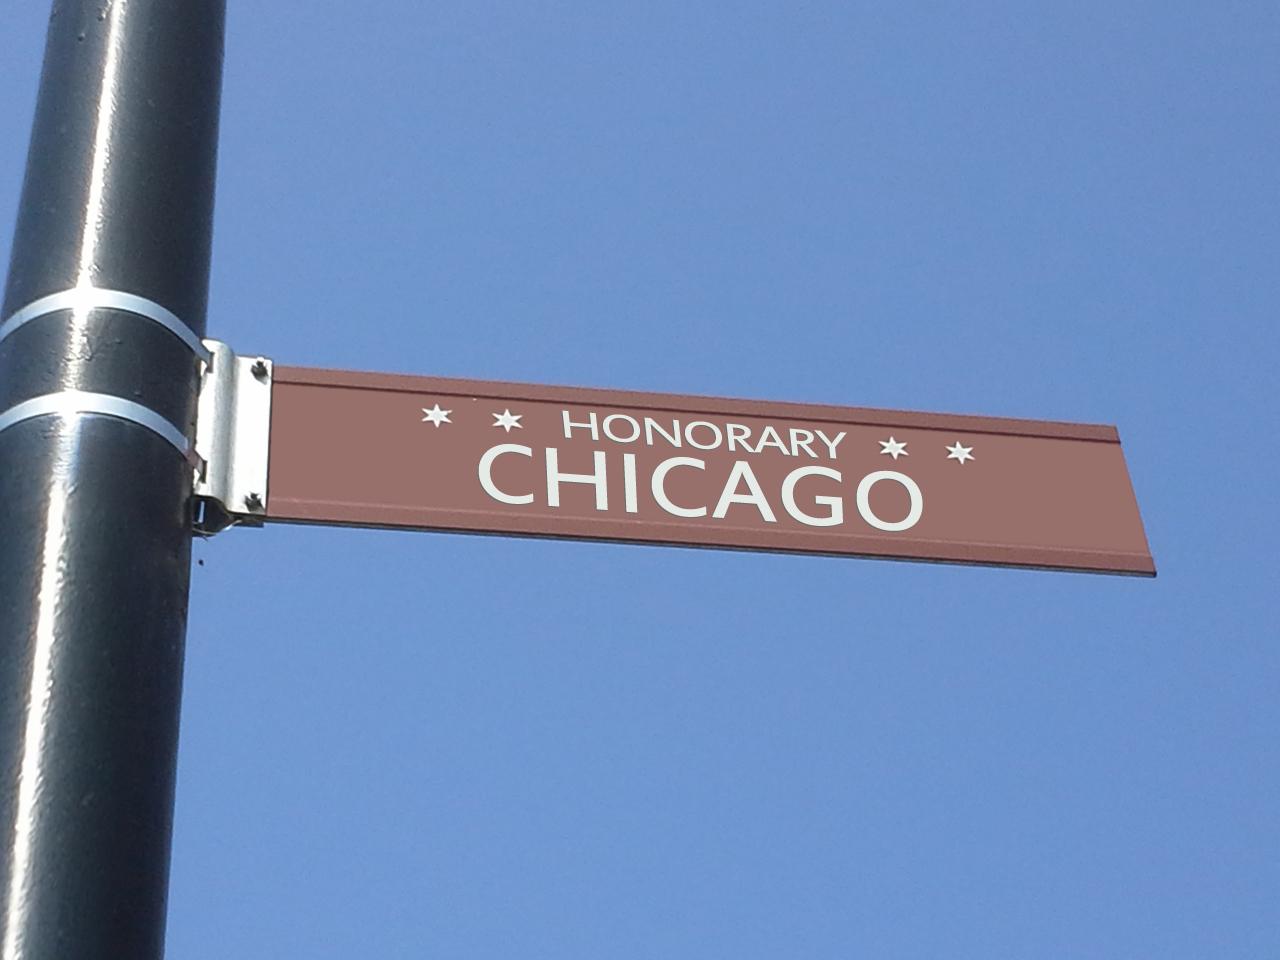 Scenic_blue_sky_Honorary_Chicago_Best.jpg